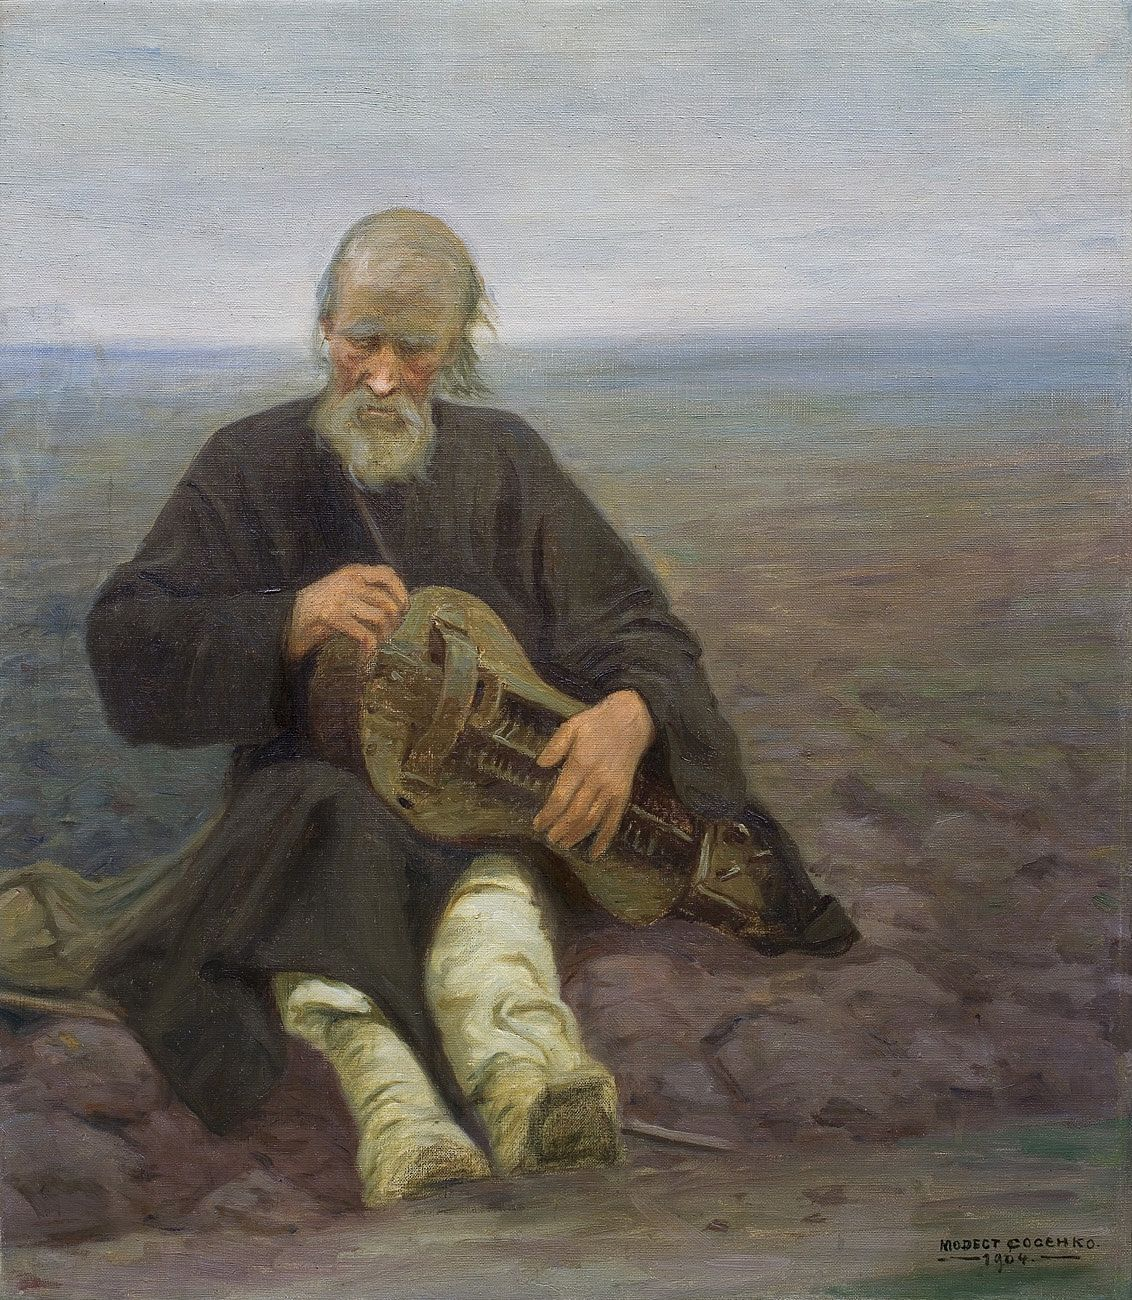 Модест Сосенко. Лірник, 1904; олія, полотно